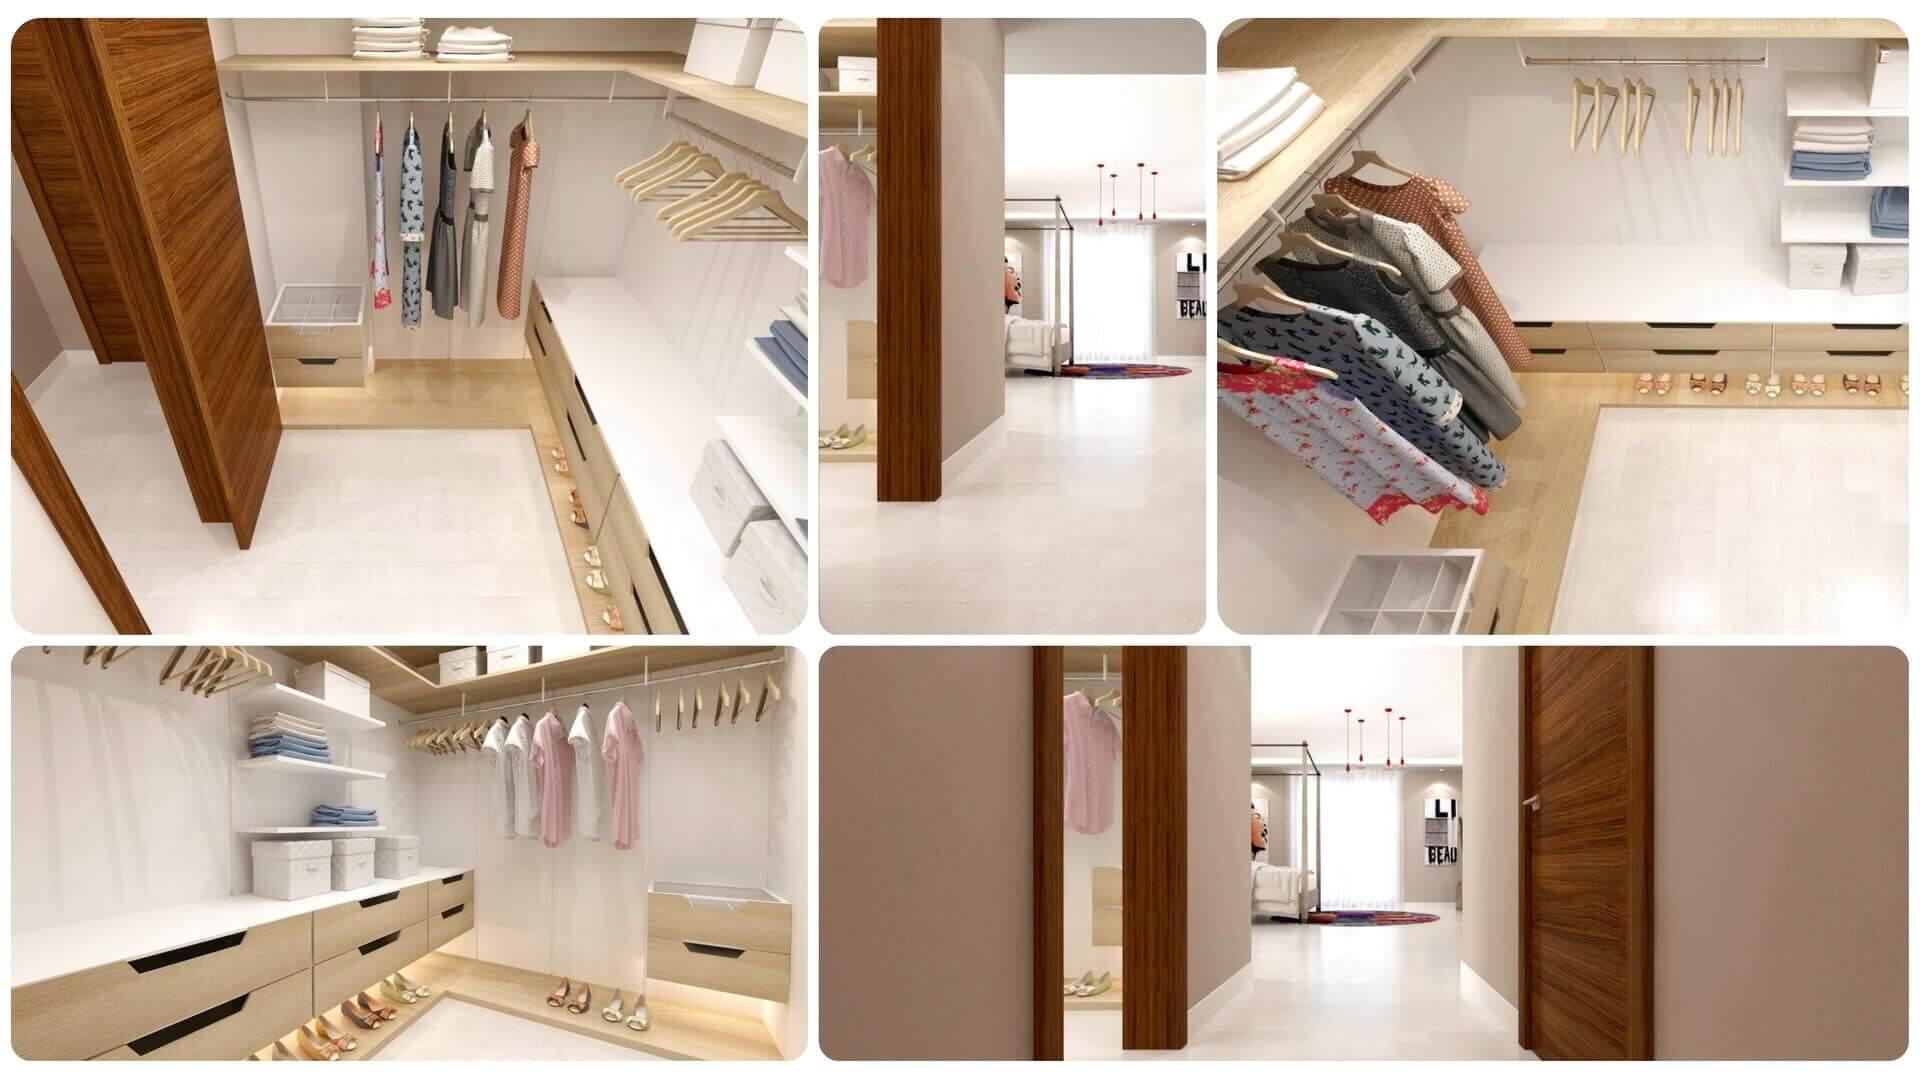 home inspiration 2967 E. Uslu Konutu Residential